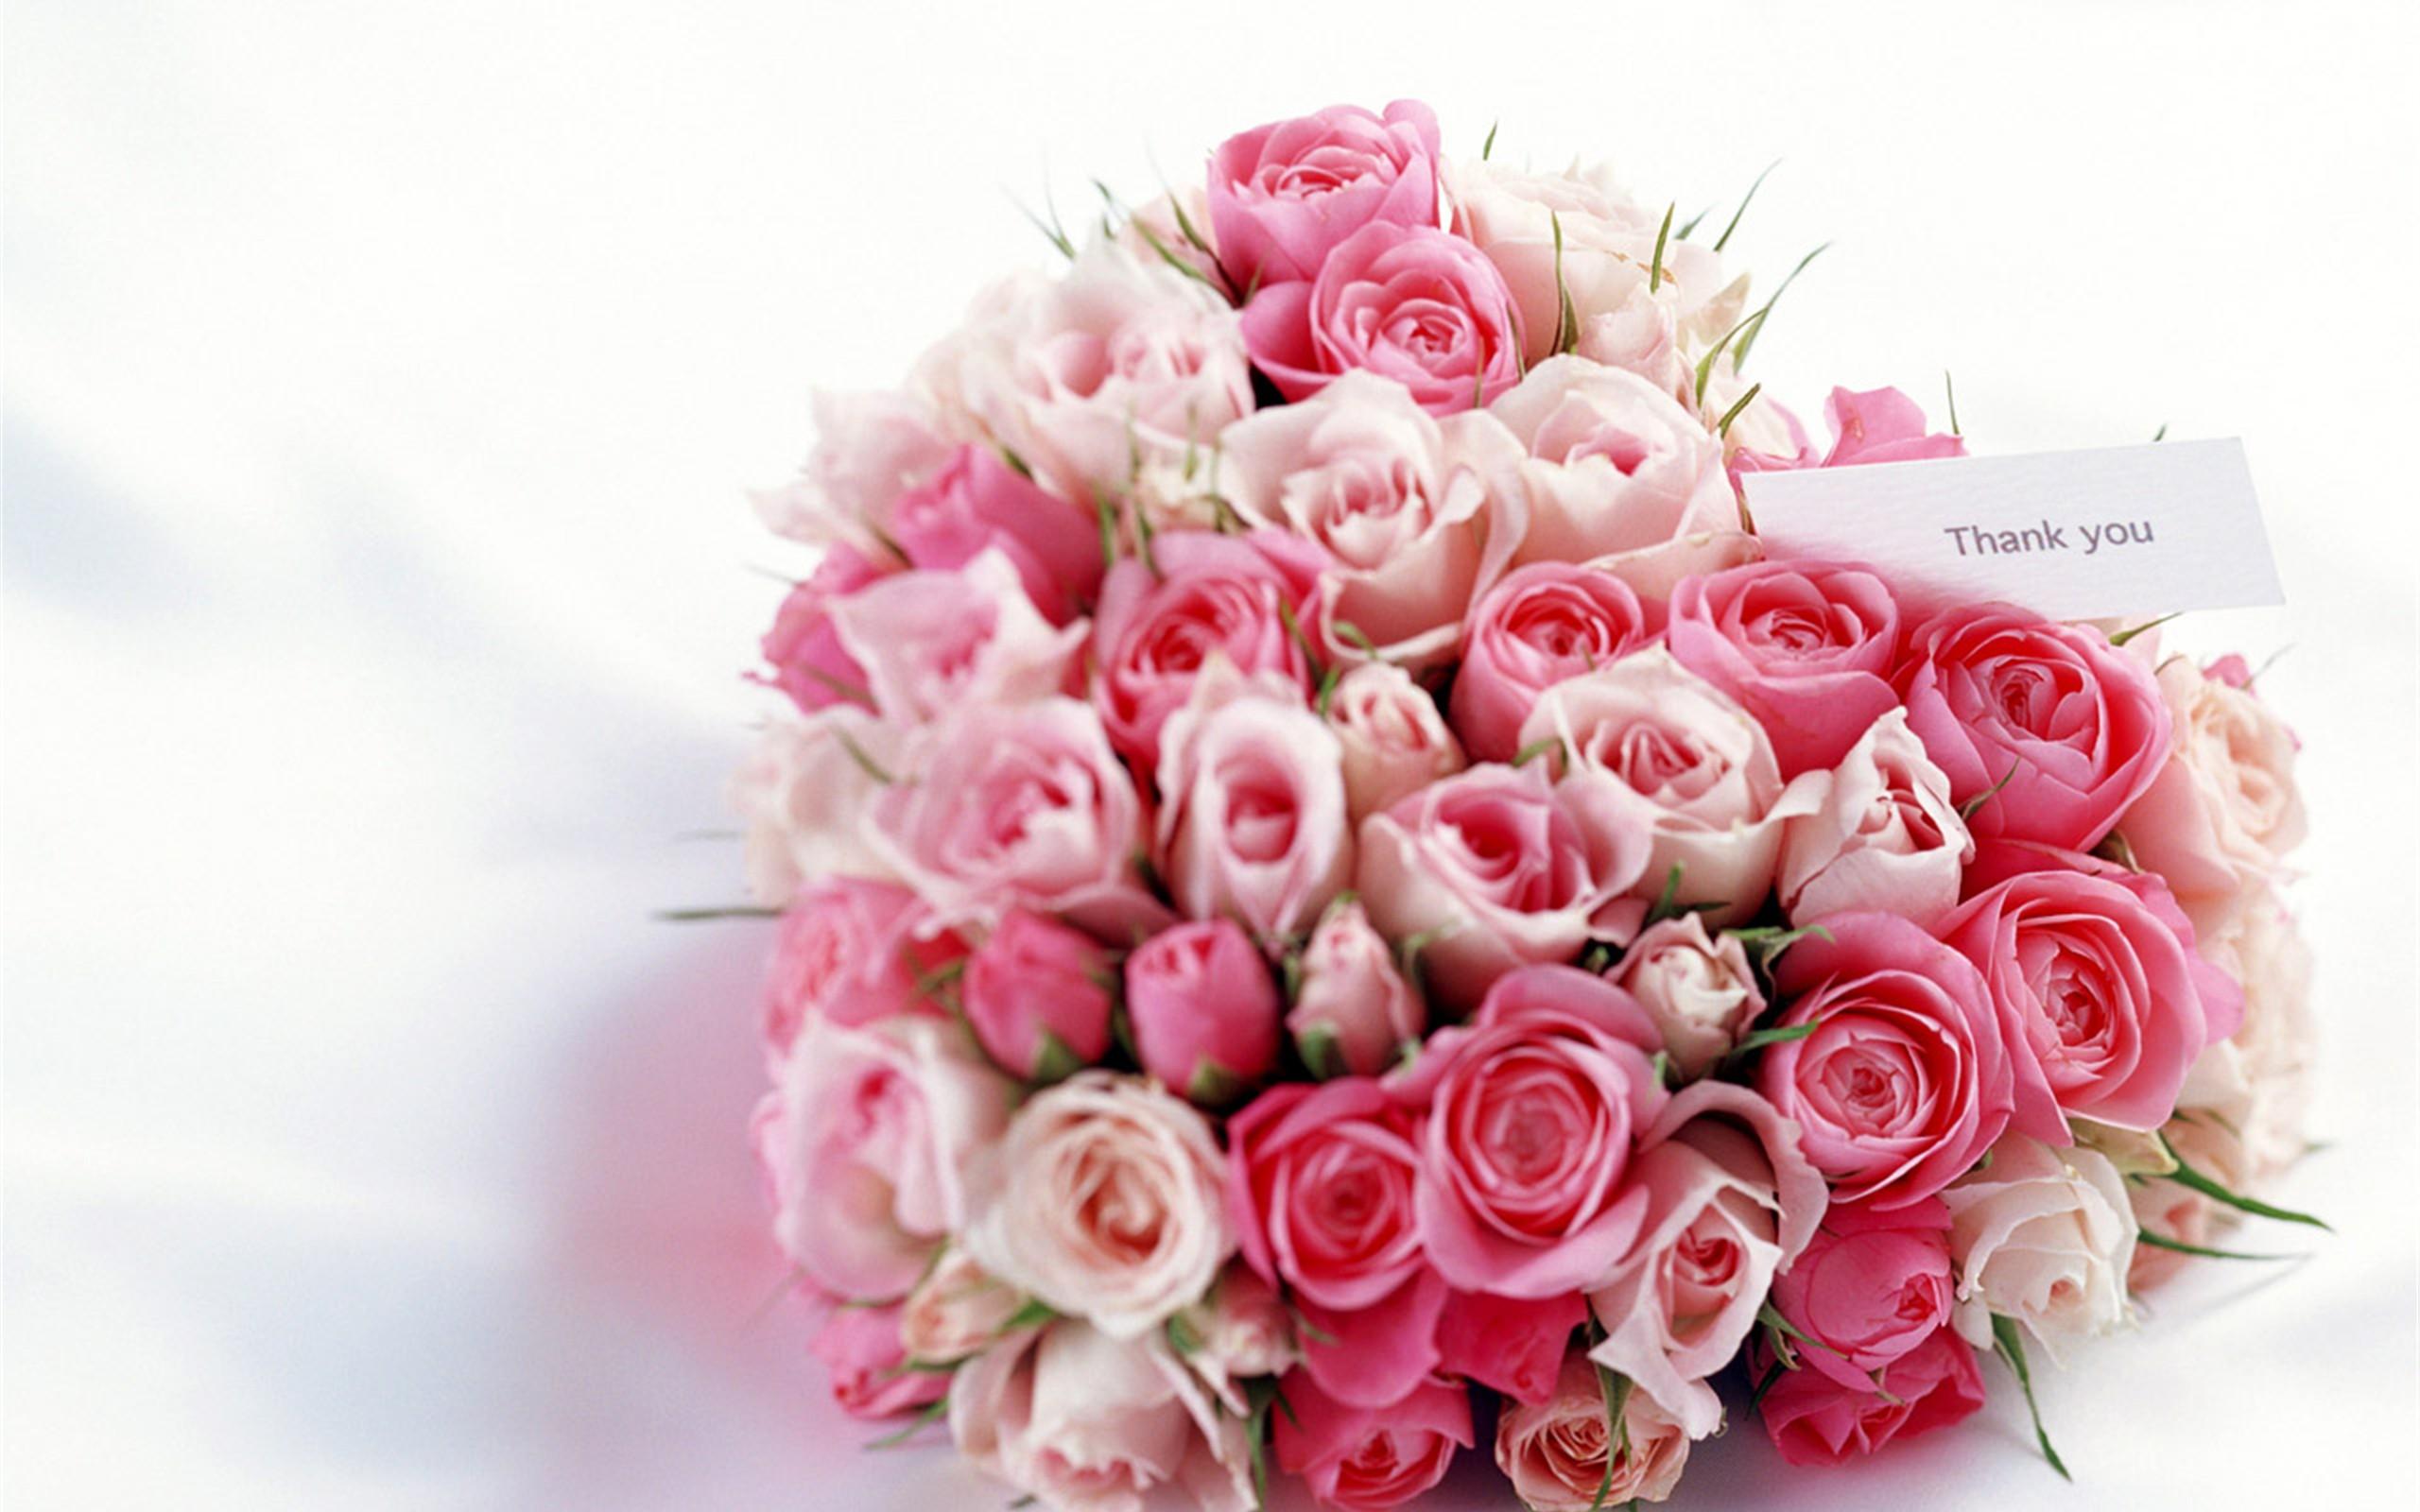 心理测试:你想送哪束花给心爱的人,测你在他心里的地位